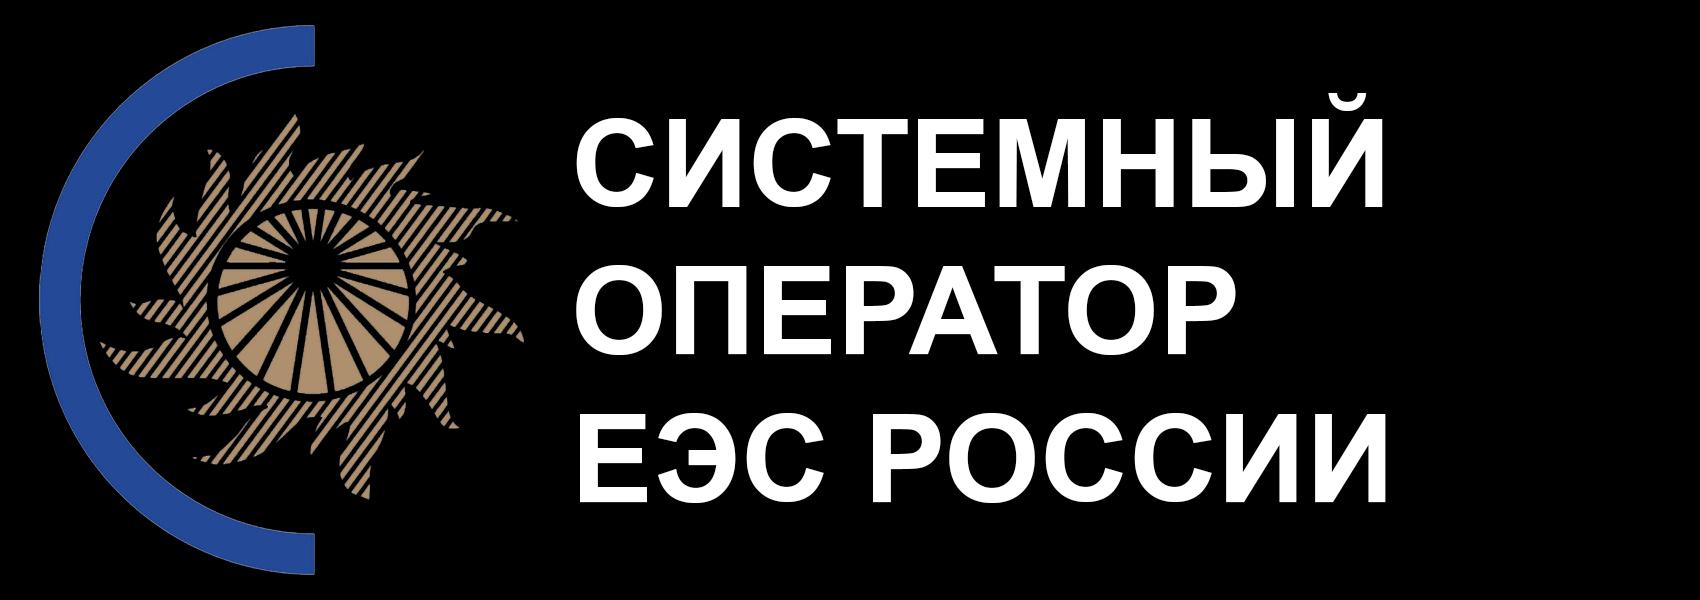 АО СО ЕЭС РОССИИ